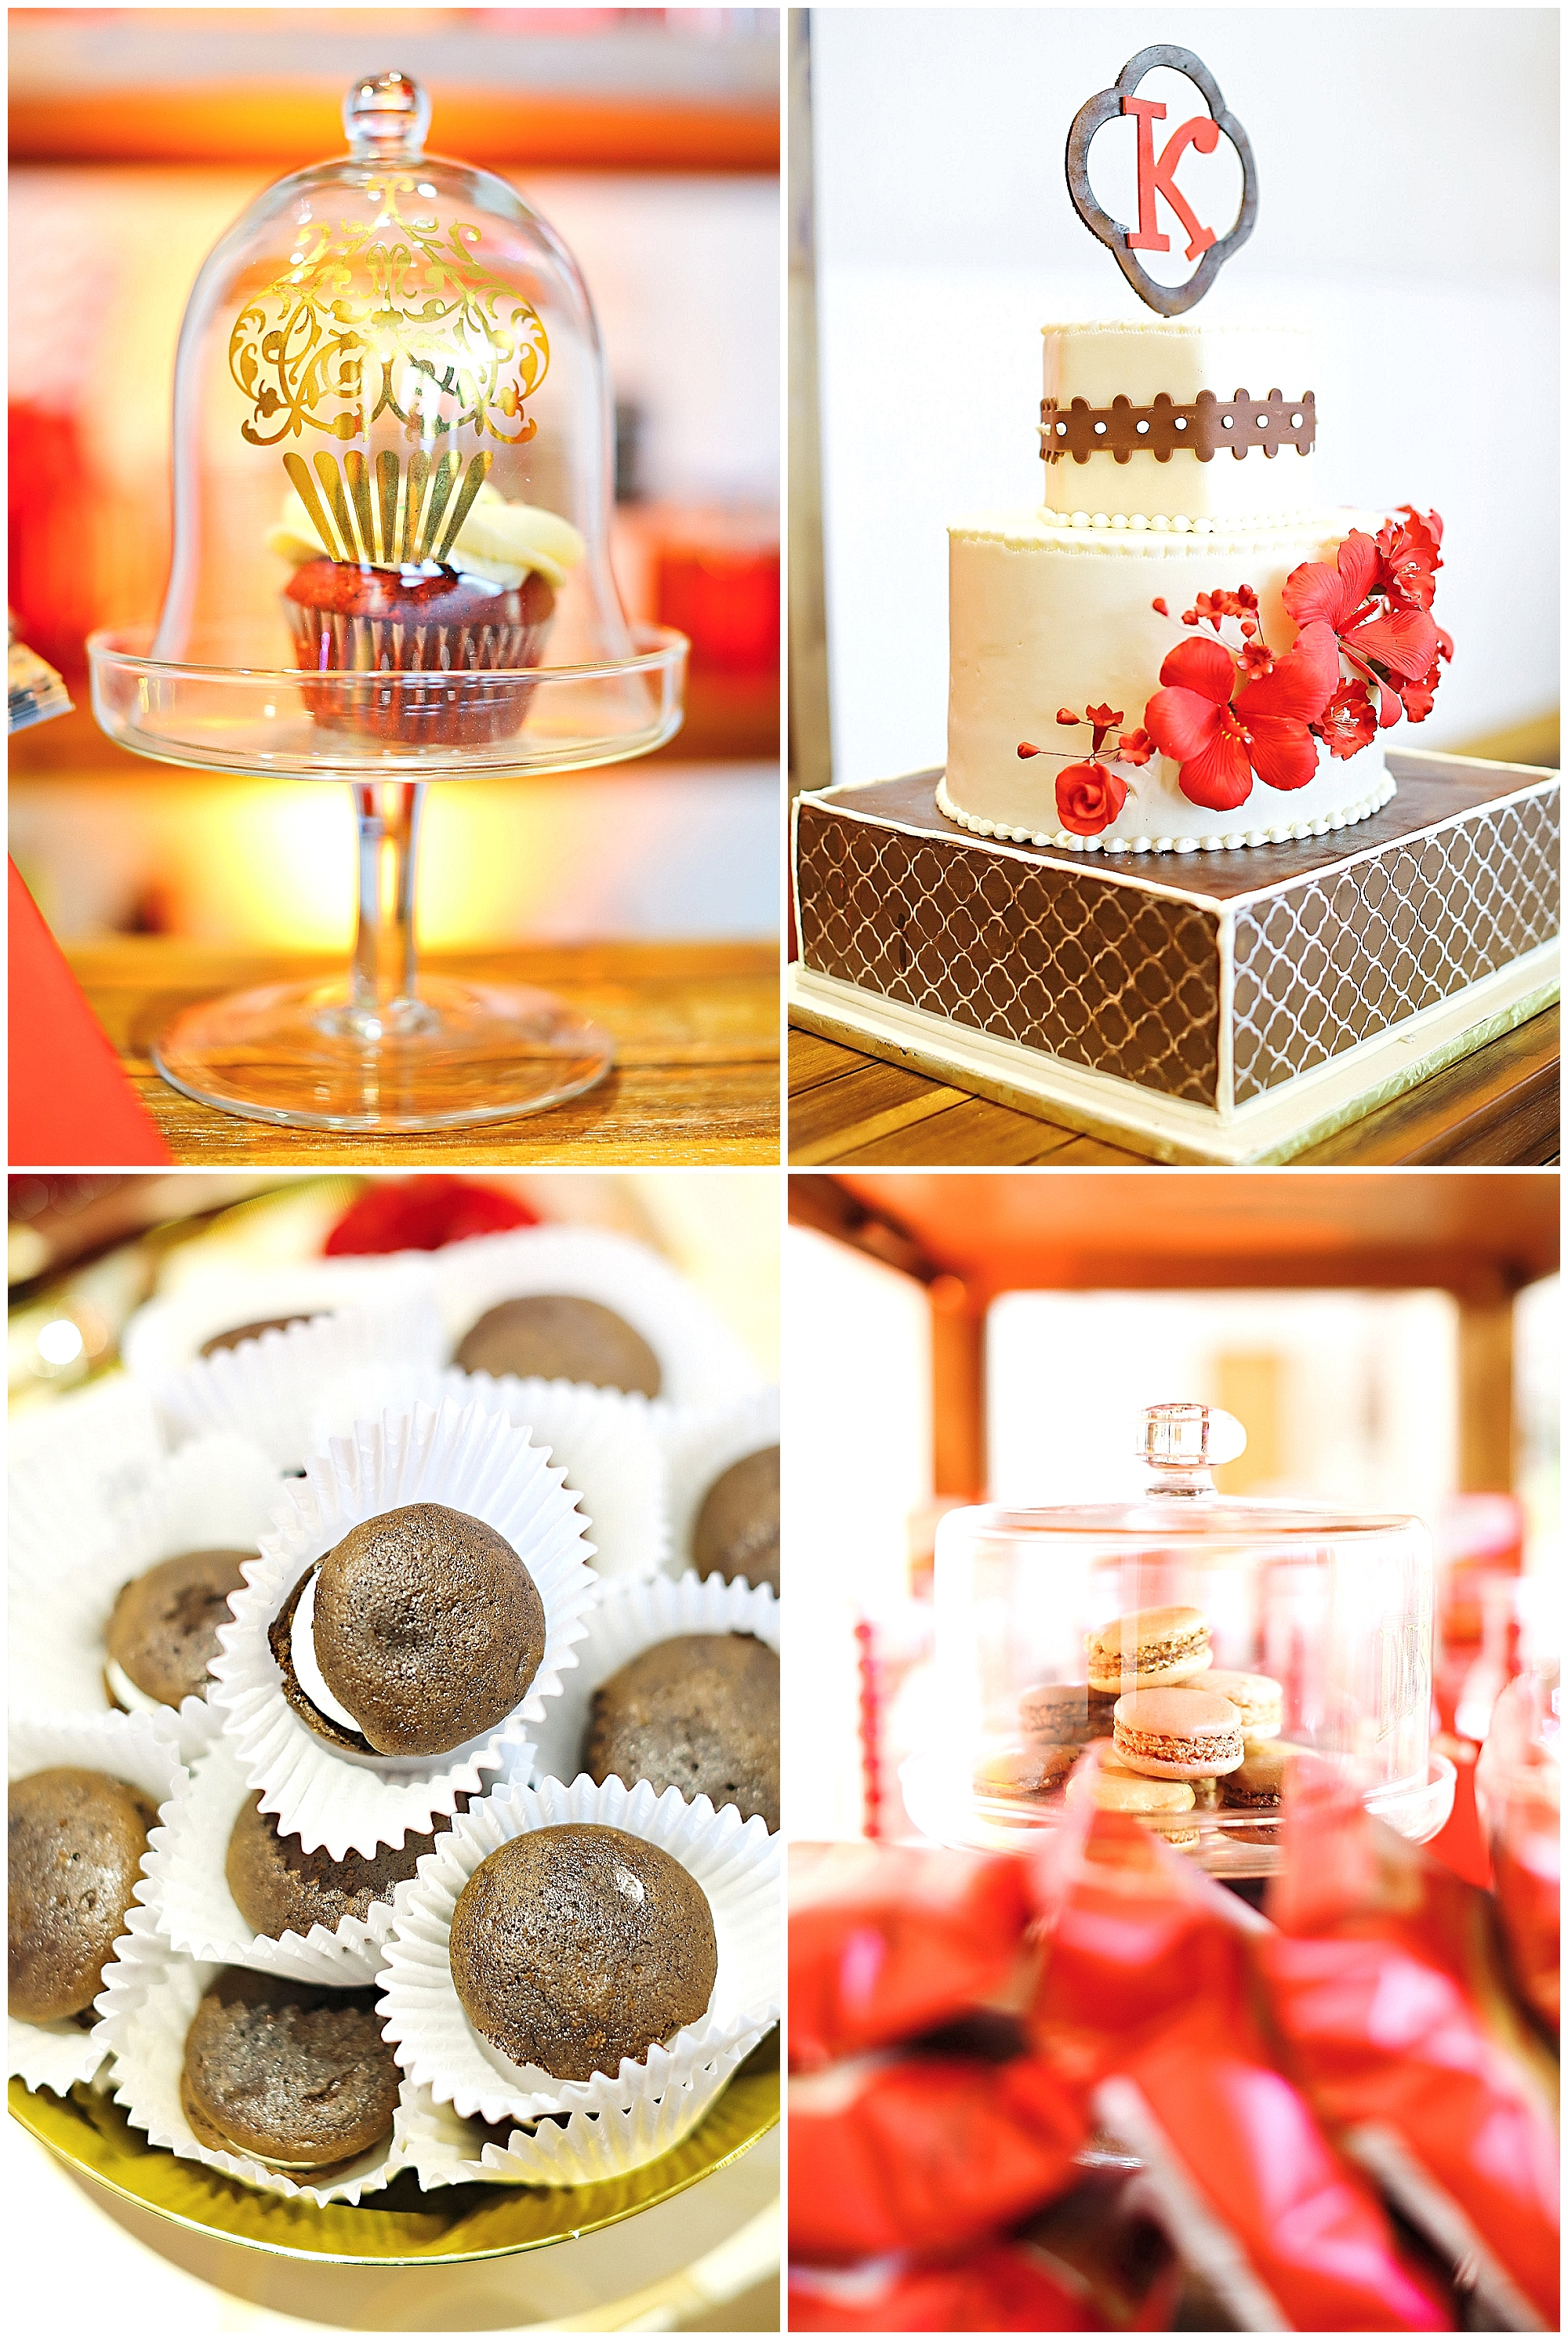 yummy photos Art of the Table Mon Amie Events Inc